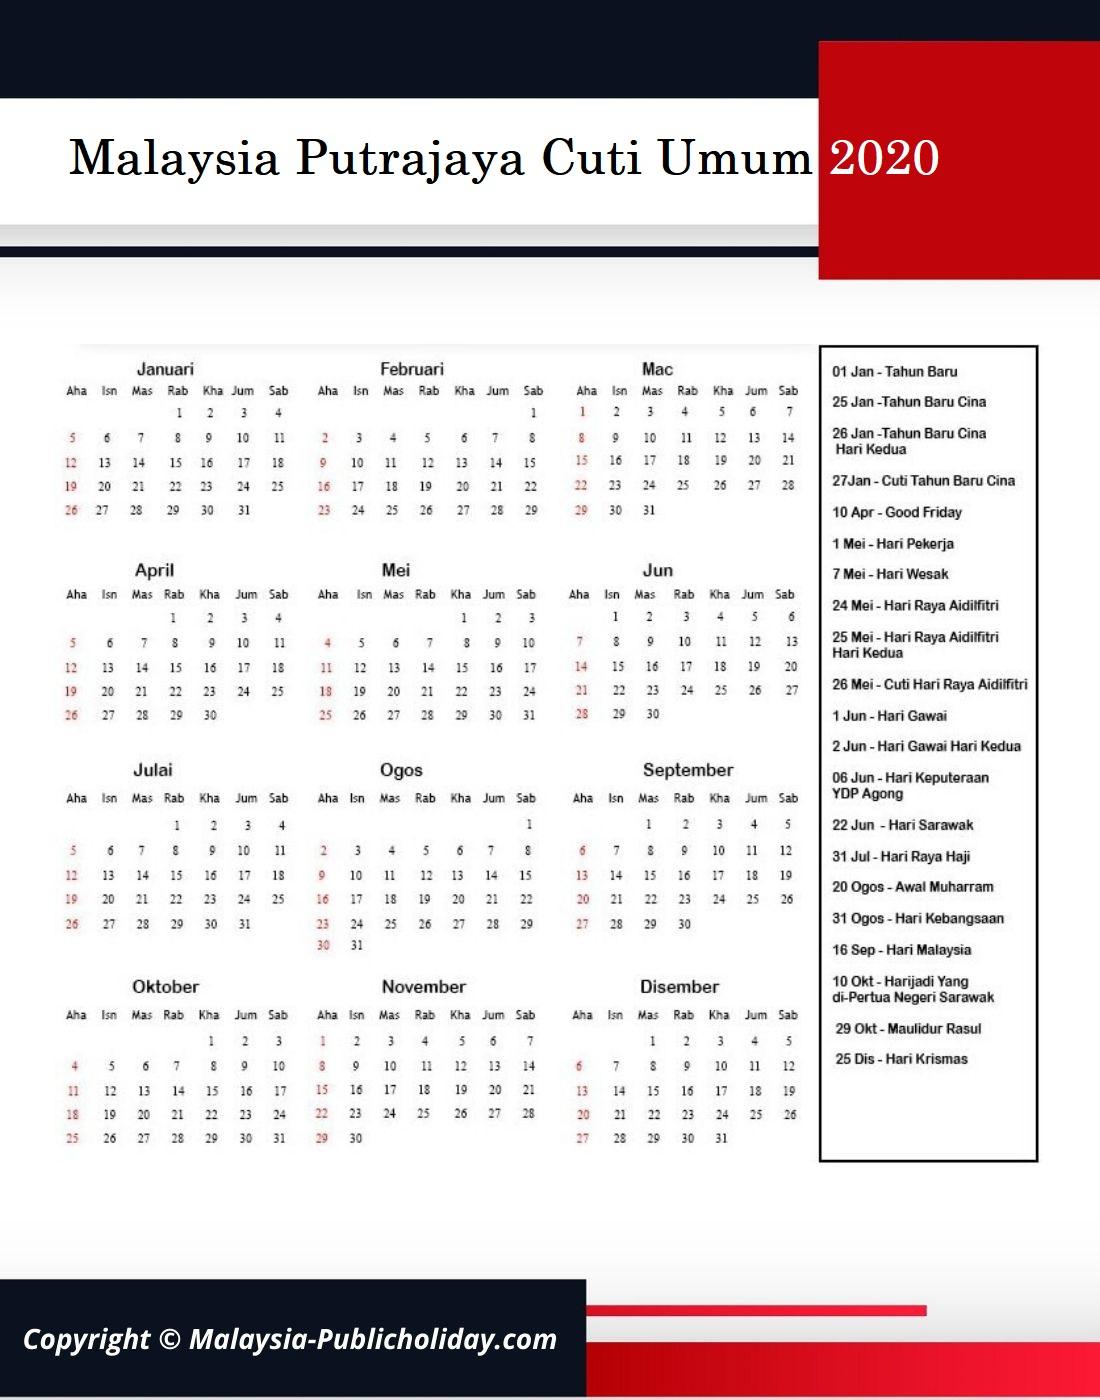 Cuti Umum Putrajaya 2020 Malaysia